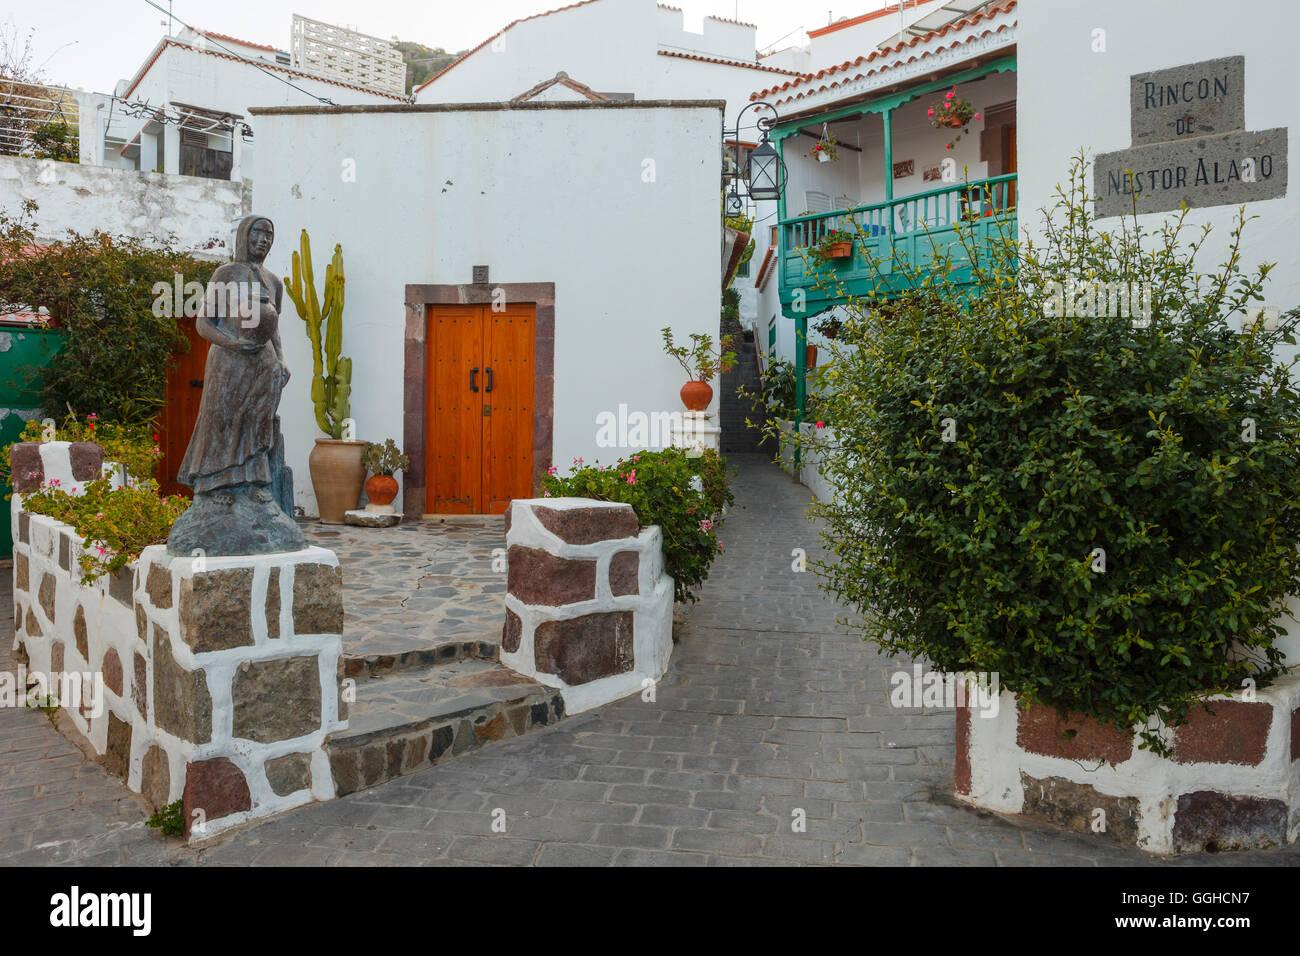 Rincon de Nestor Alamo, alley in Tejeda village, Gran Canaria, Canary Islands, Spain, Europe Stock Photo